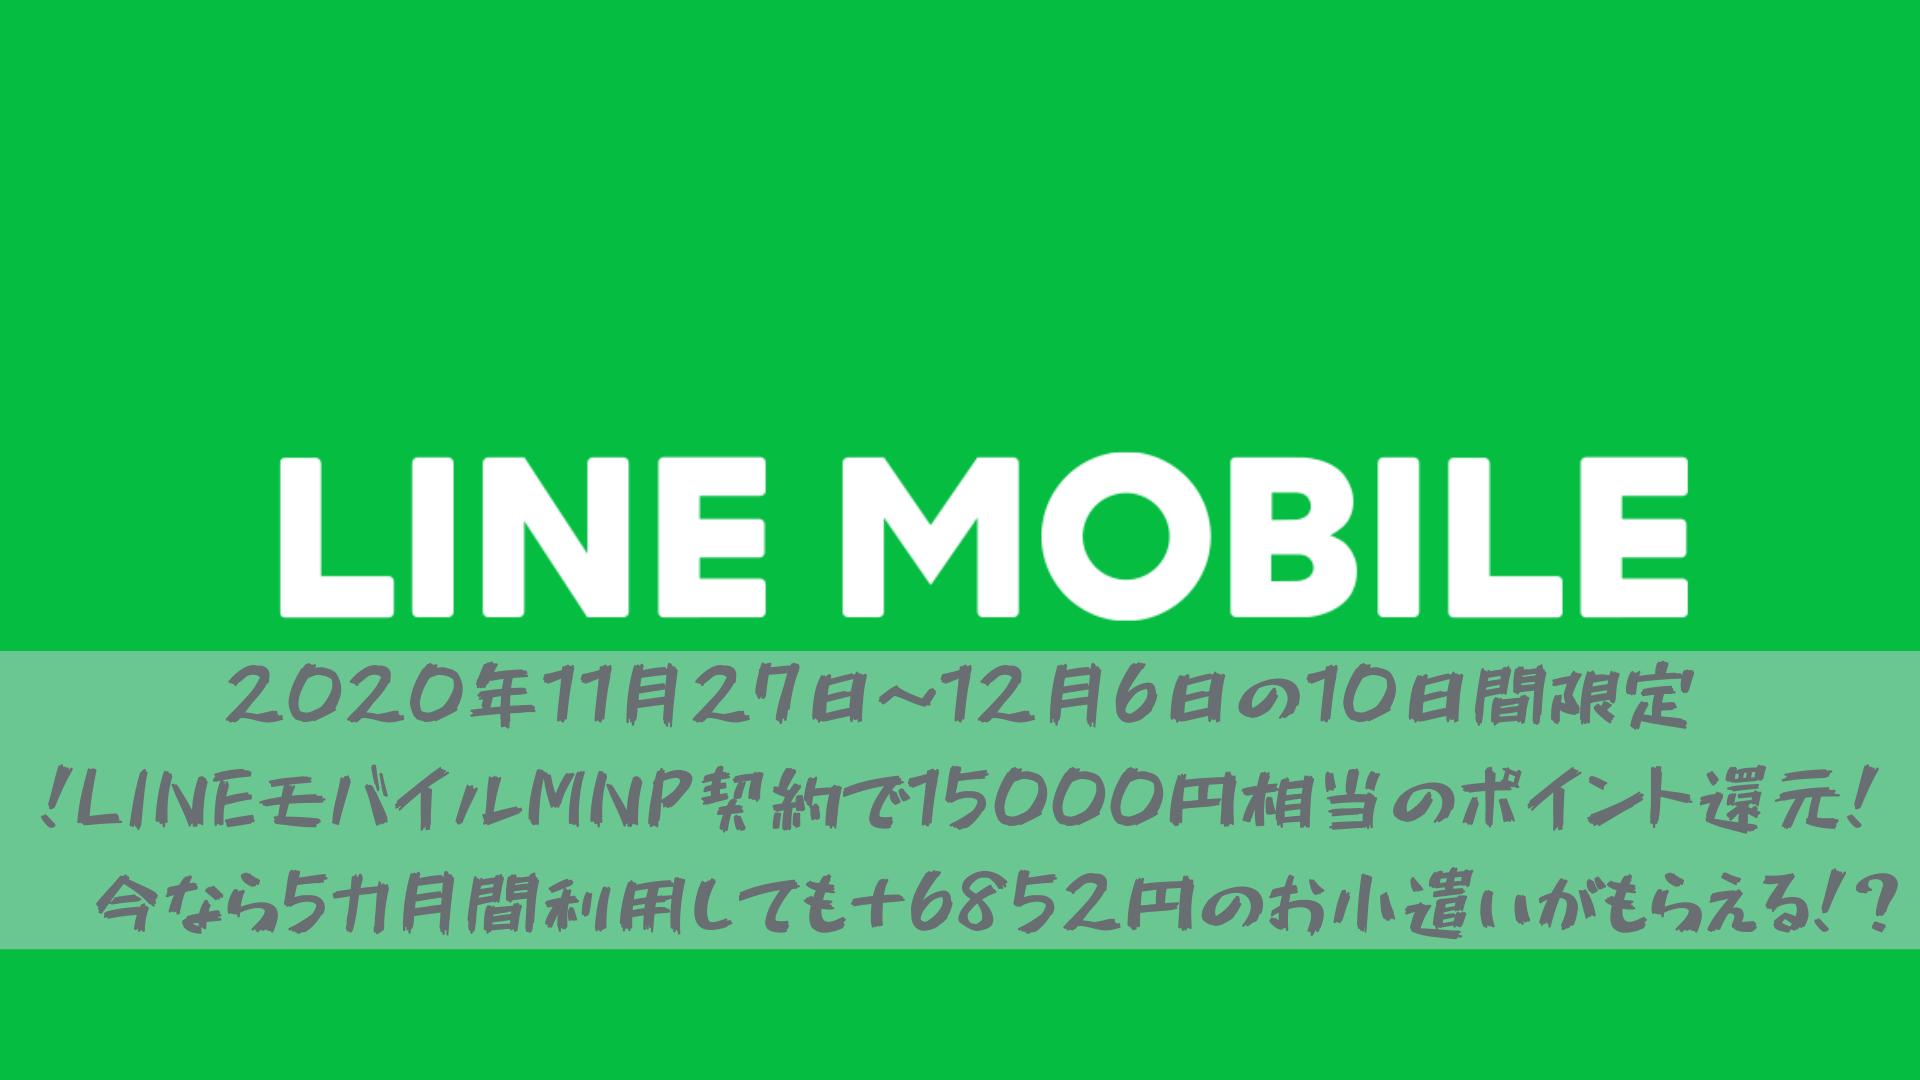 2020年11月27日~12月6日の10日間限定!LINEモバイルMNP契約で15000円相当のポイント還元!※今なら5カ月間利用しても+6852円のお小遣いがもらえる!?